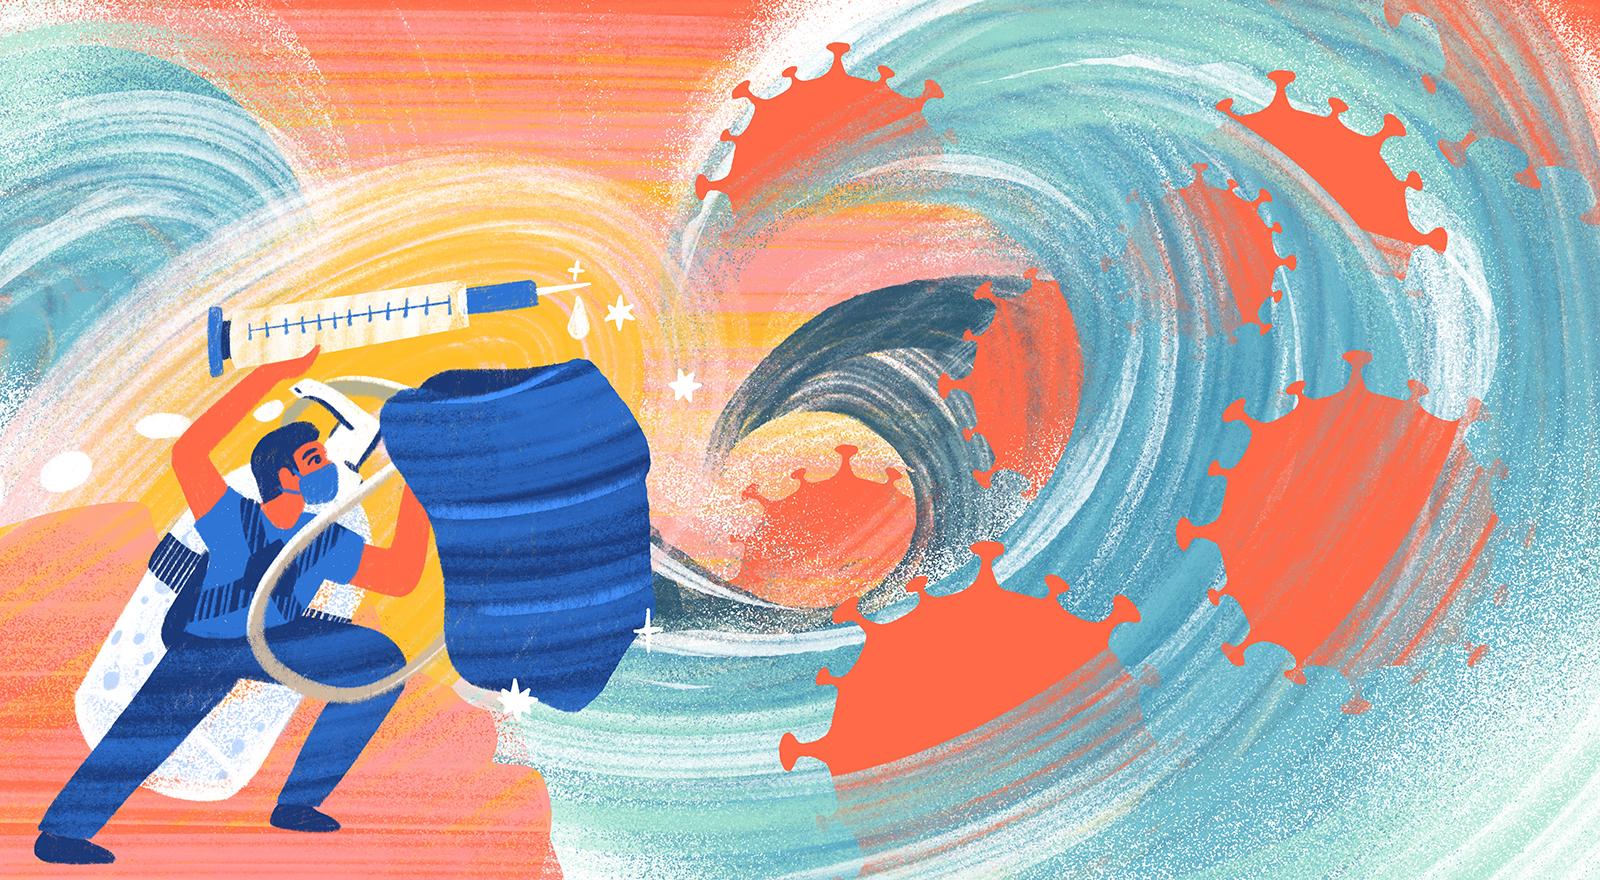 Cómo no hundirnos en el miedo de la segunda ola: estrategias y recursos para surfearlo y cuidarnos